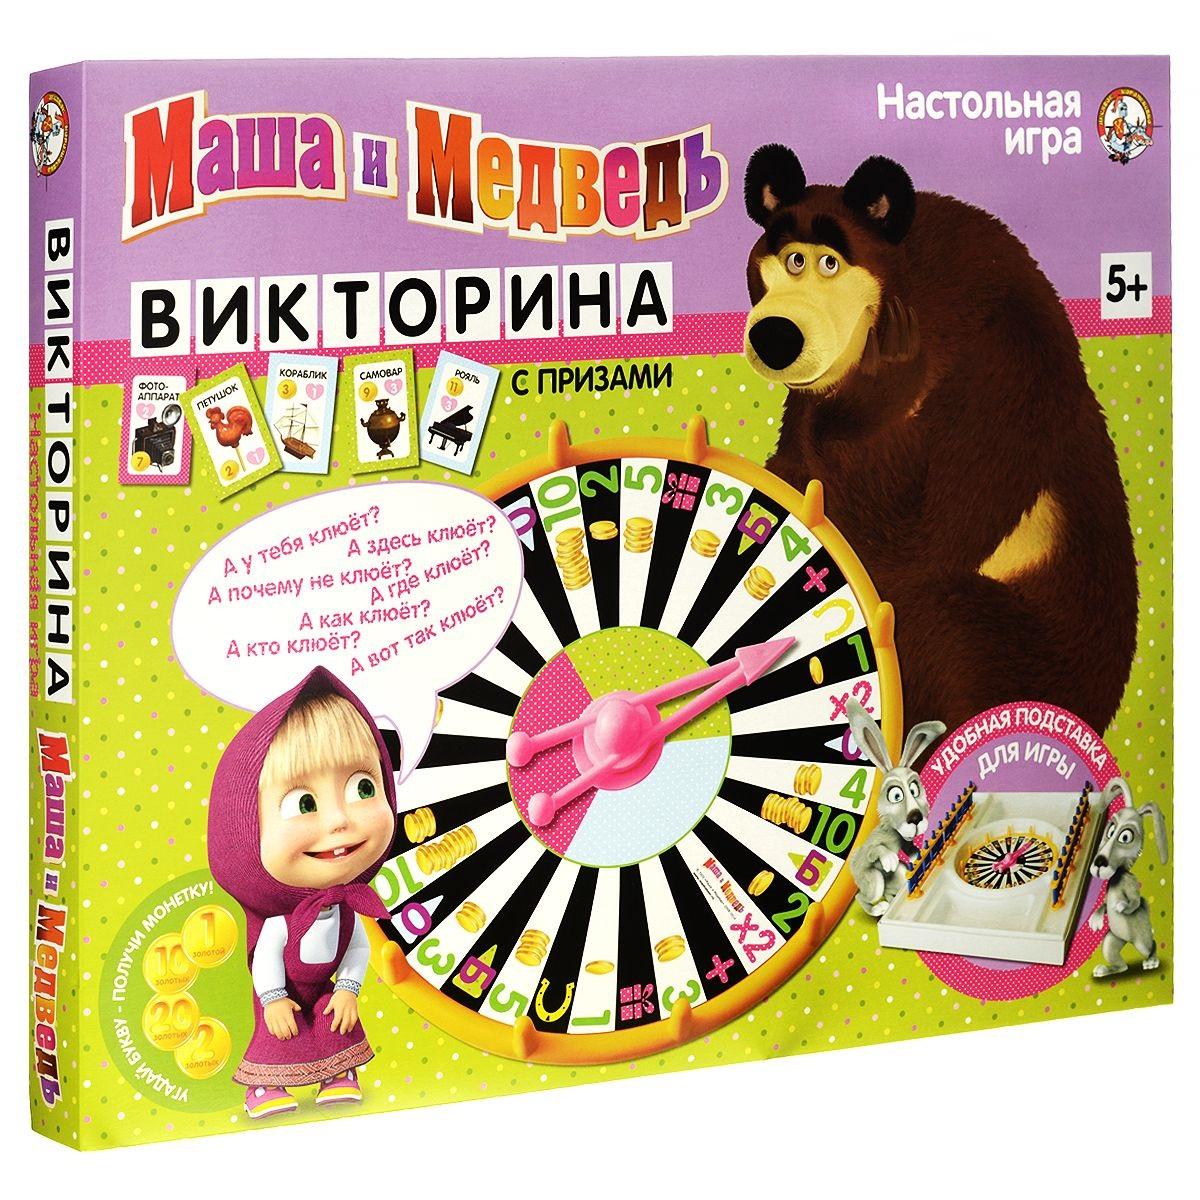 Игра настольная-викторина Маша и Медведь - Викторины, артикул: 161589